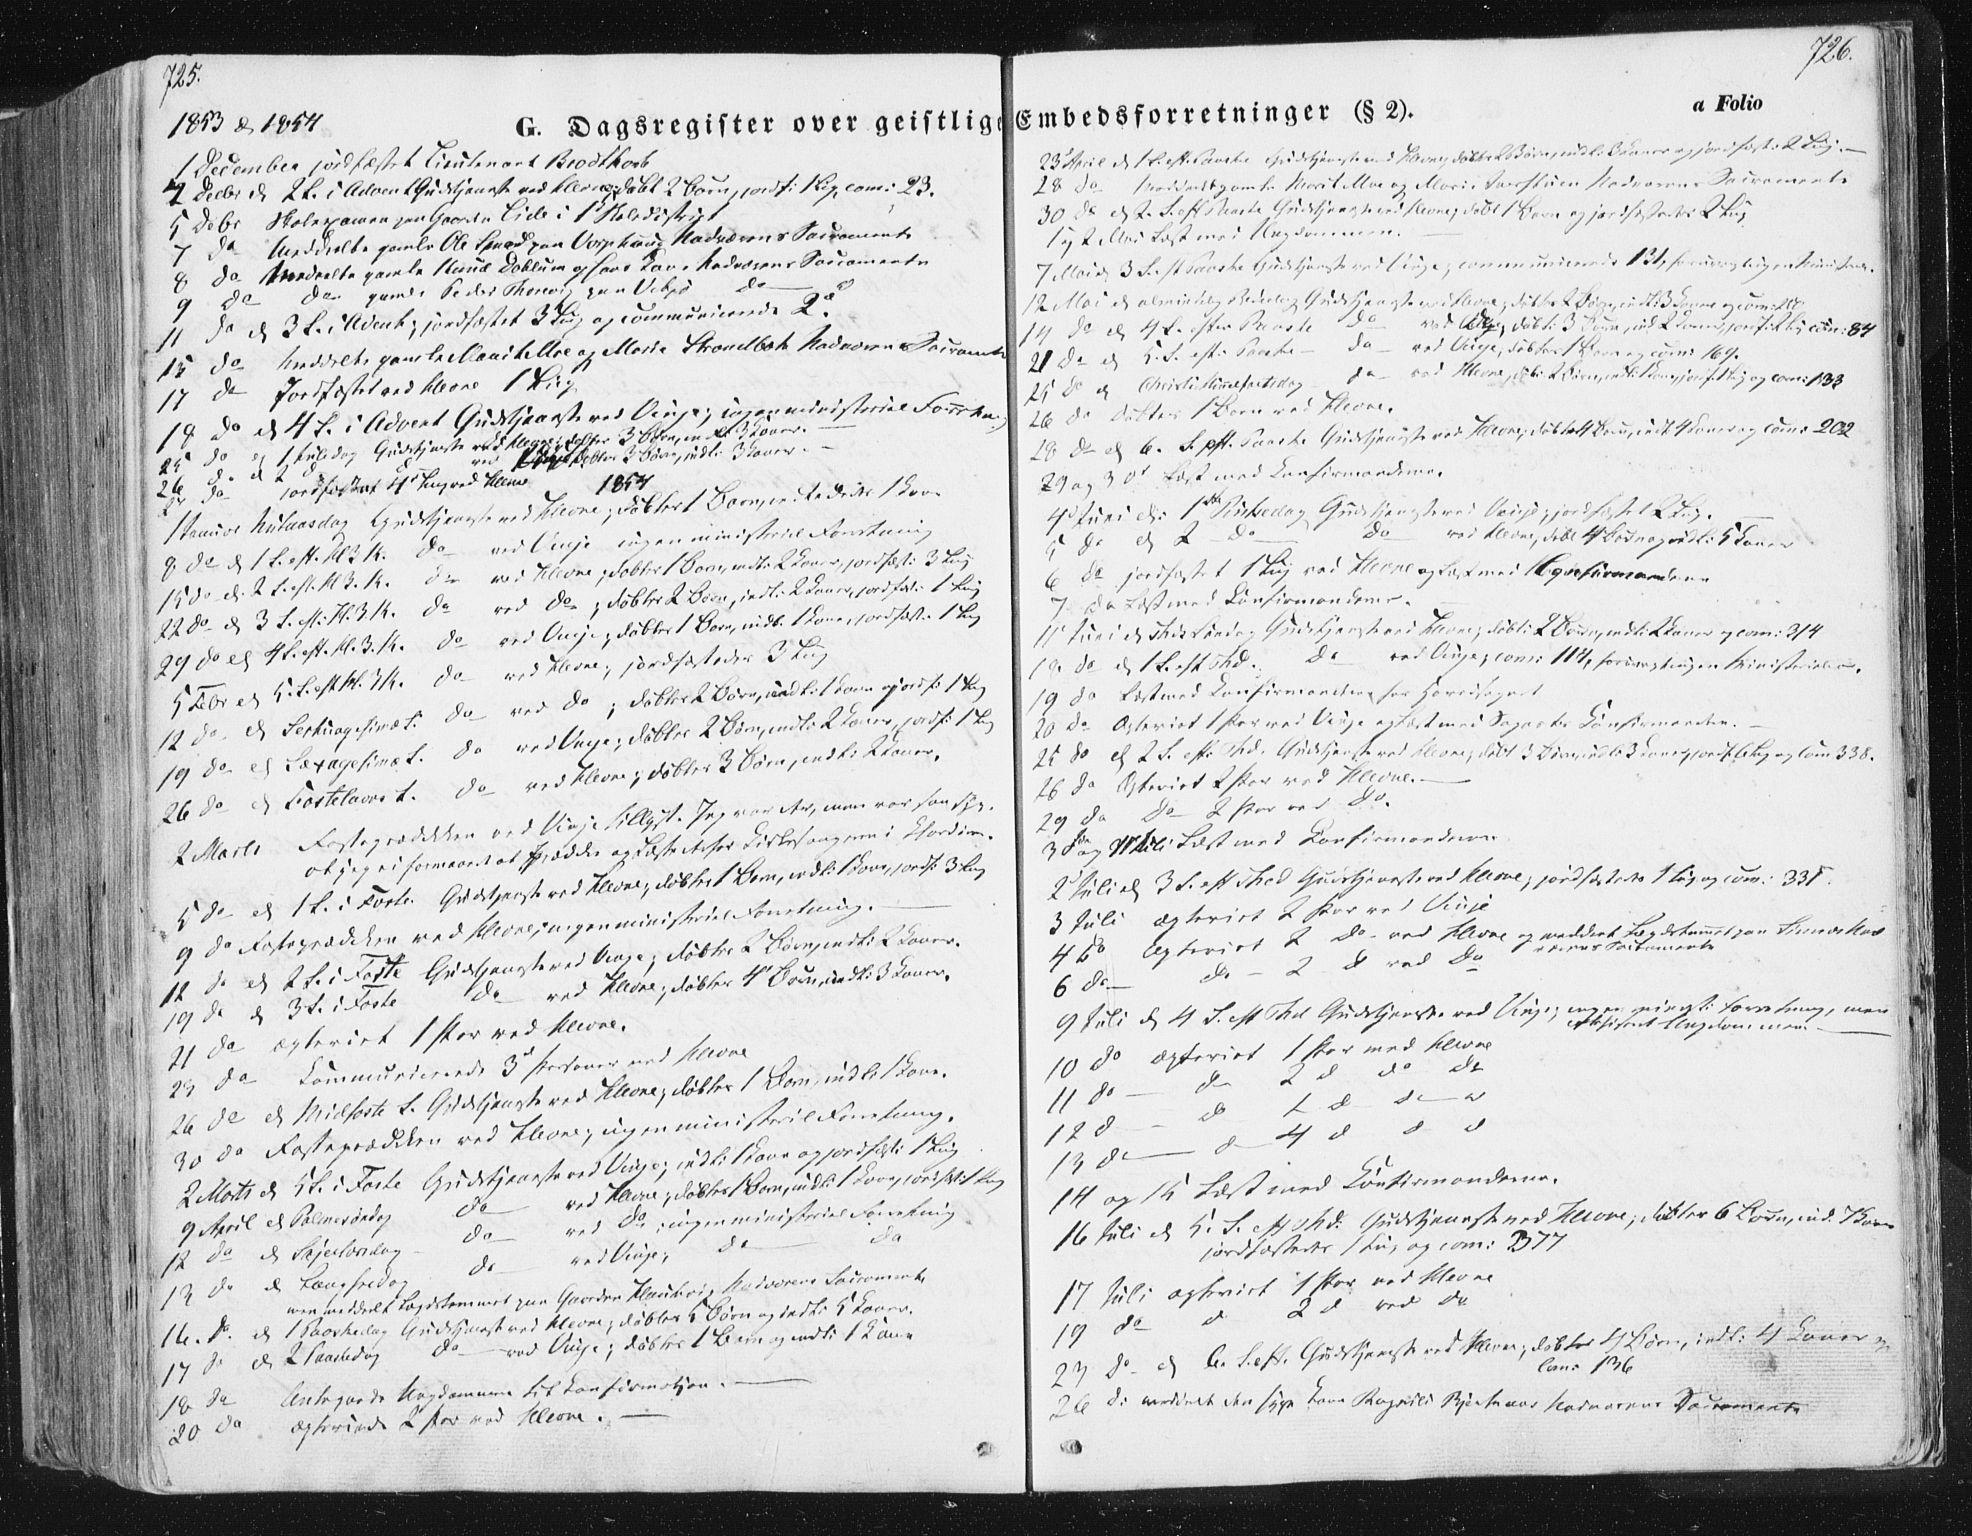 SAT, Ministerialprotokoller, klokkerbøker og fødselsregistre - Sør-Trøndelag, 630/L0494: Ministerialbok nr. 630A07, 1852-1868, s. 725-726